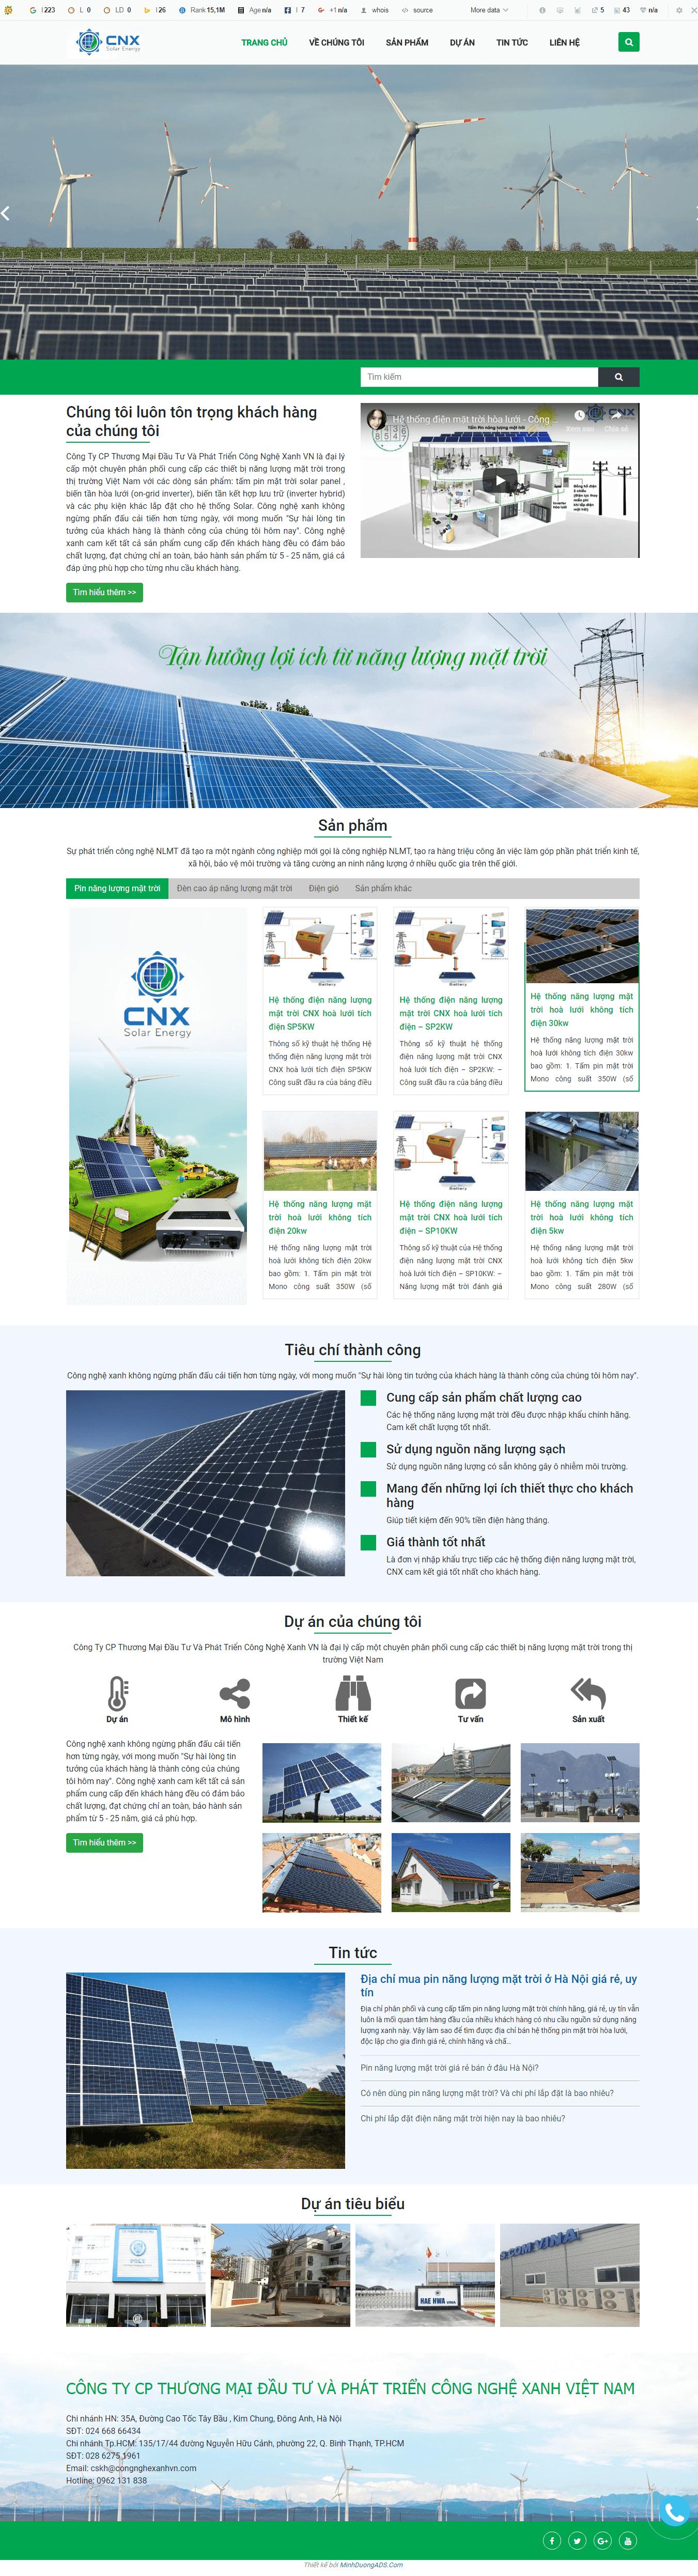 thiết kế website bán hệ thống pin năng lượng mặt trời